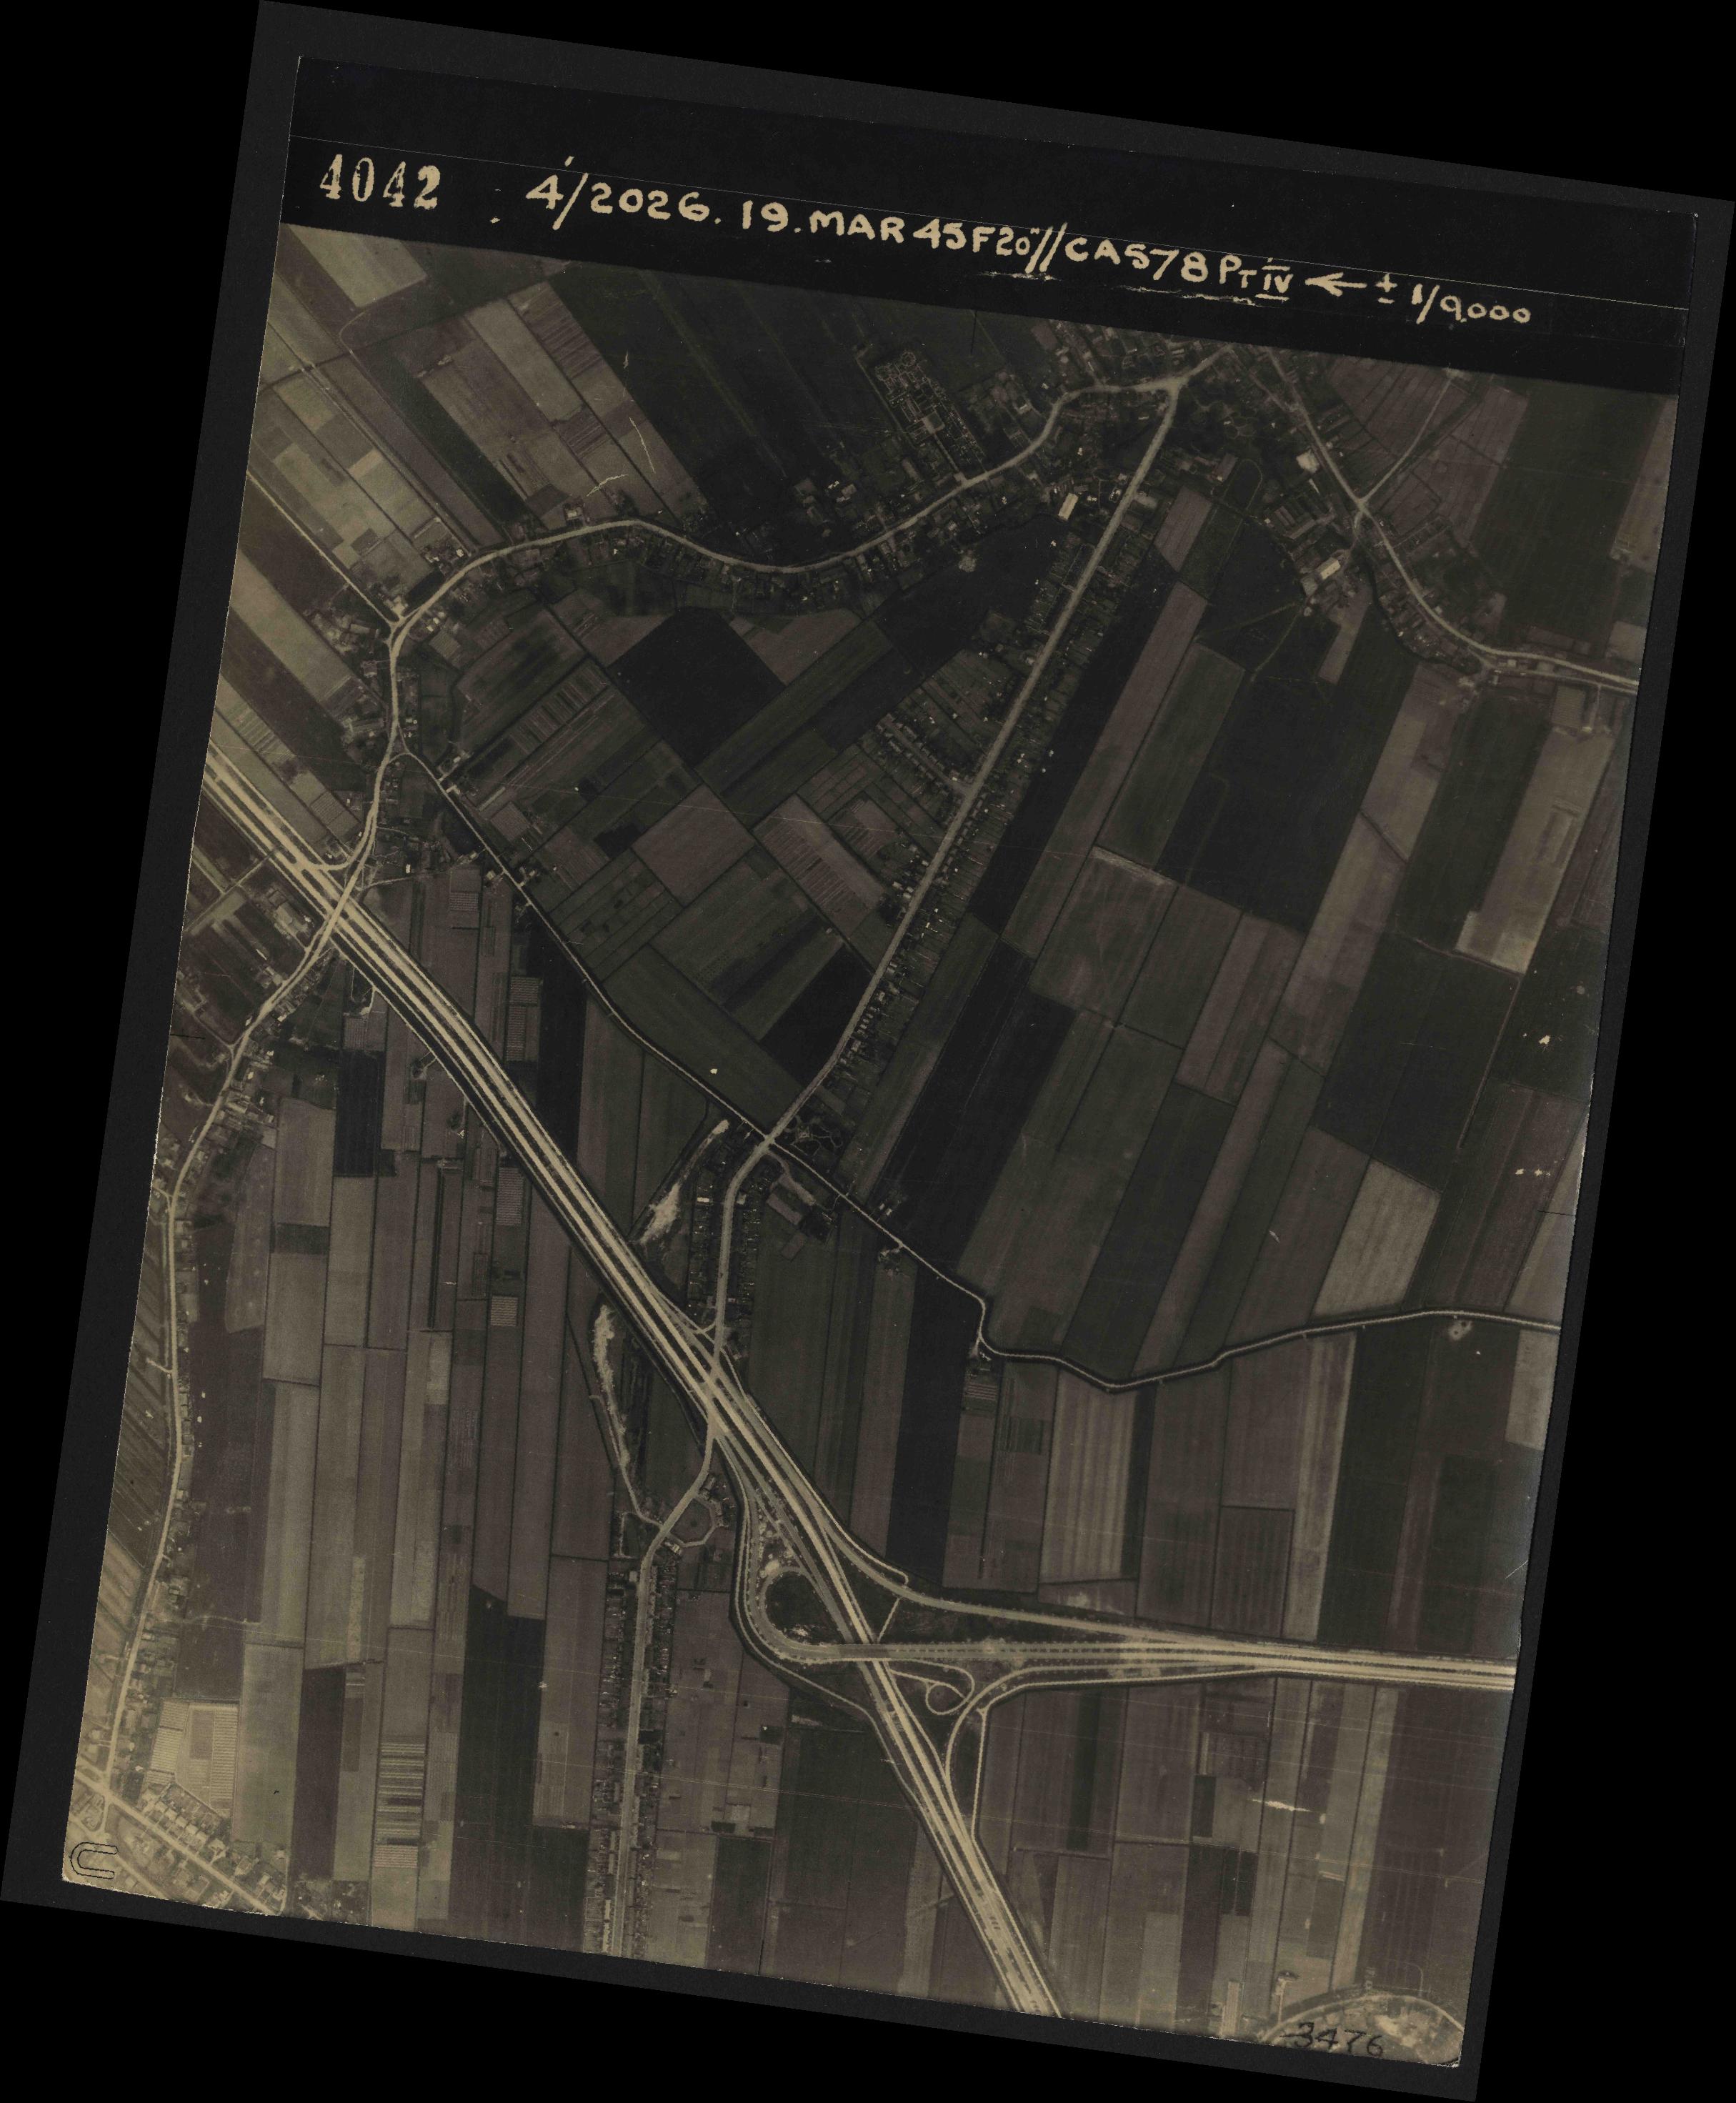 Collection RAF aerial photos 1940-1945 - flight 012, run 02, photo 4042